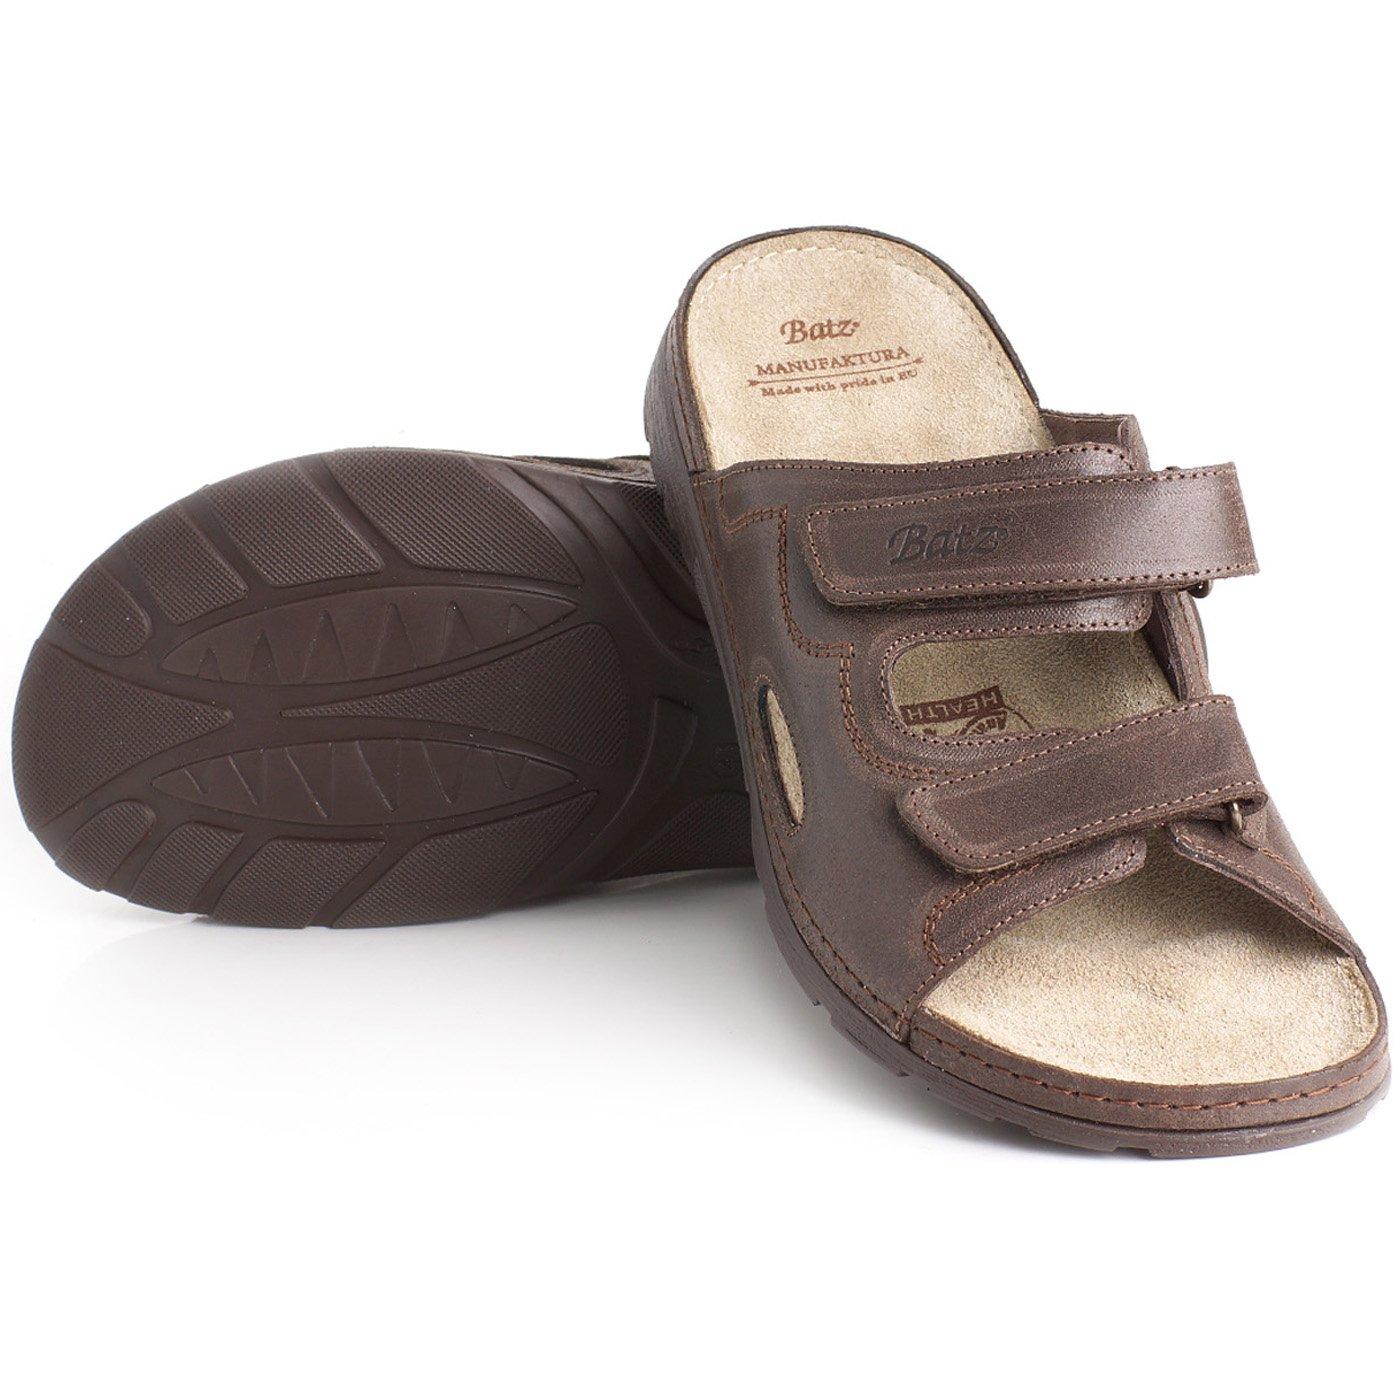 5424c3a39e61 Batz Mike Leather Slip-On Mens Sandals Clogs  Amazon.co.uk  Shoes   Bags